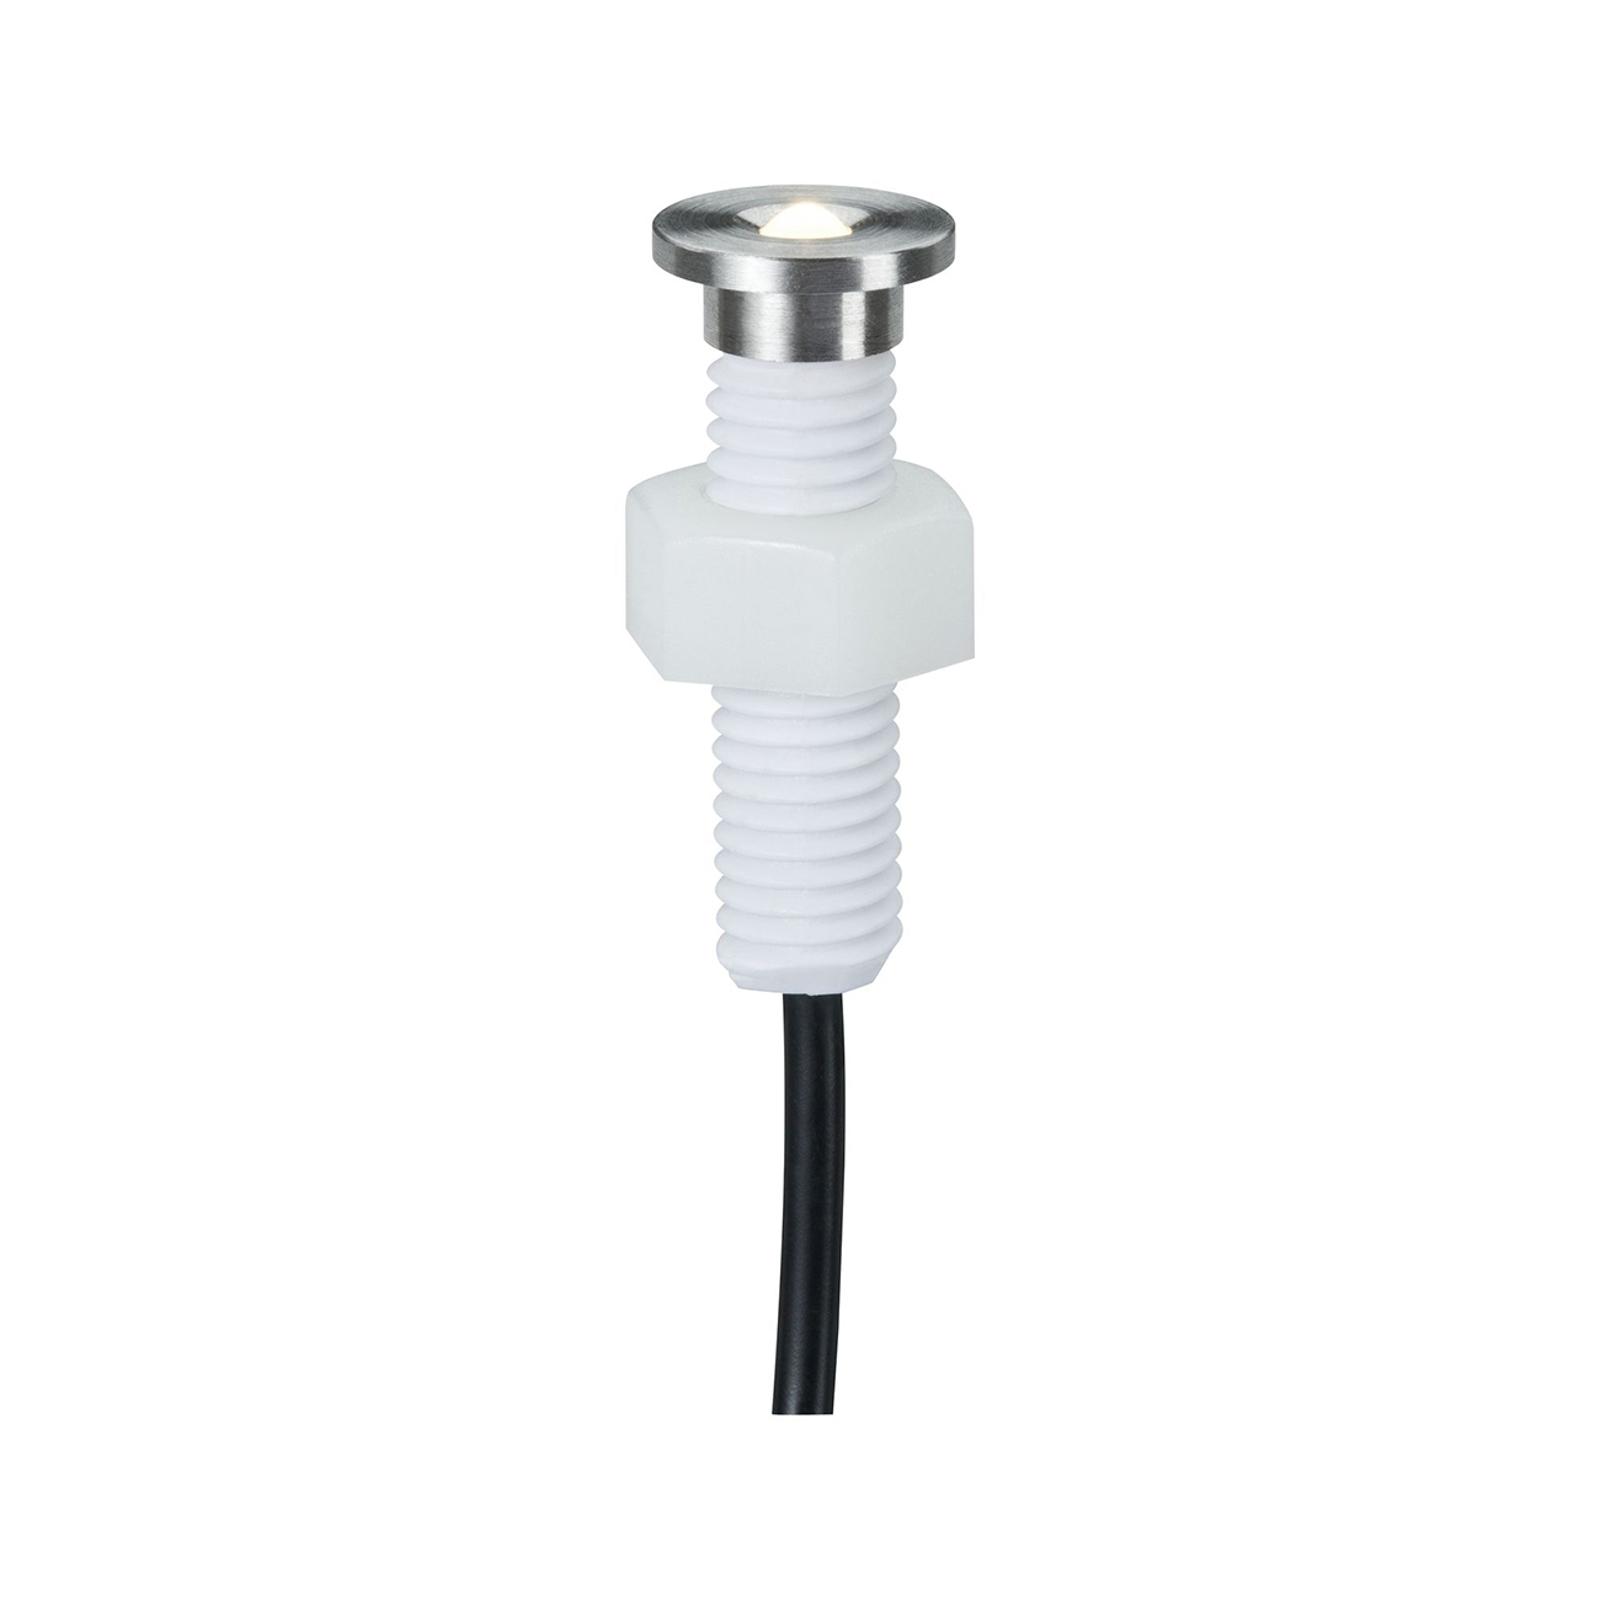 Paulmann Plug & Shine lampe enc. 93694 par 5 ajout